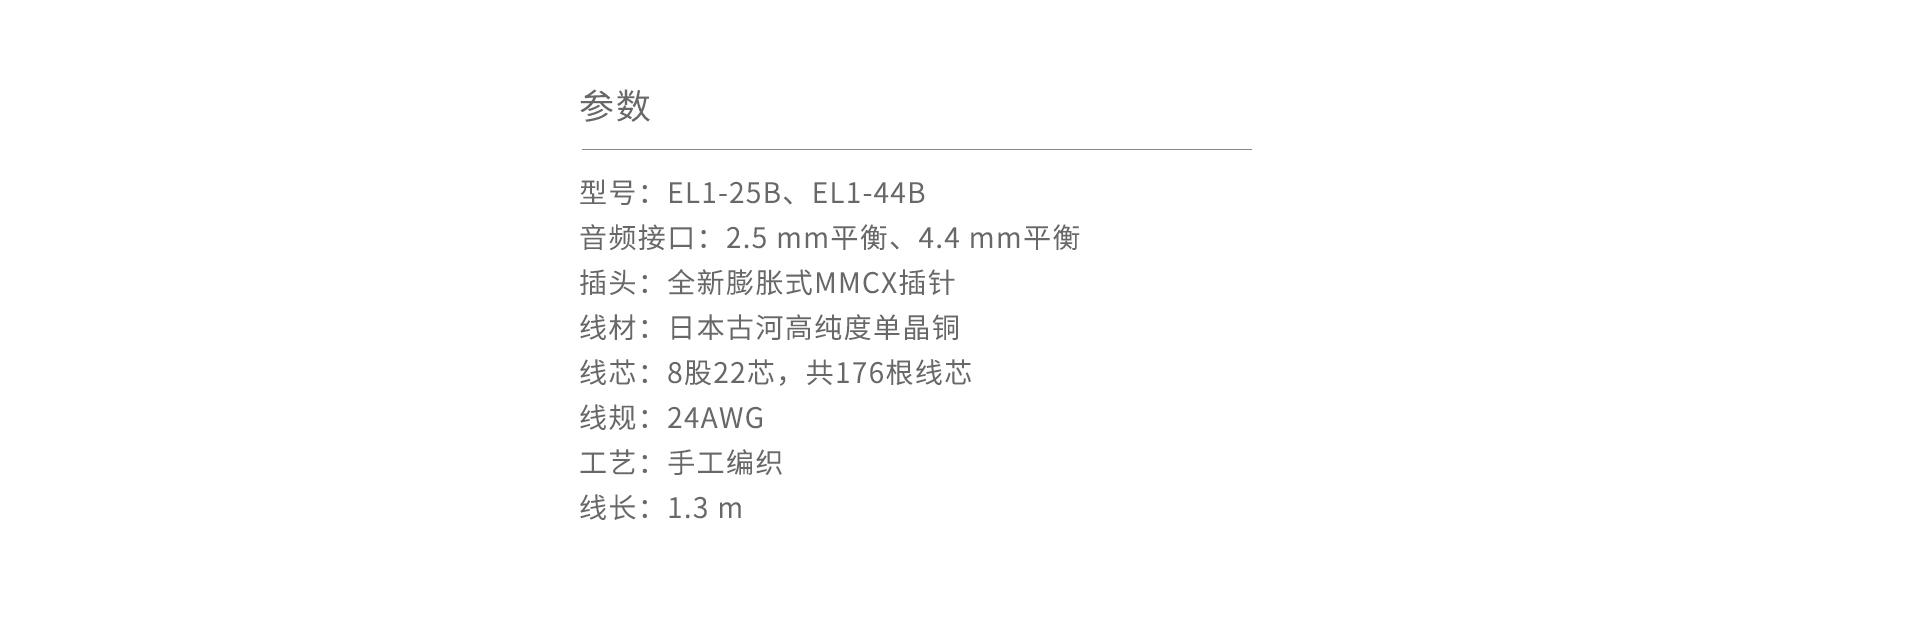 升级线详情_09.jpg